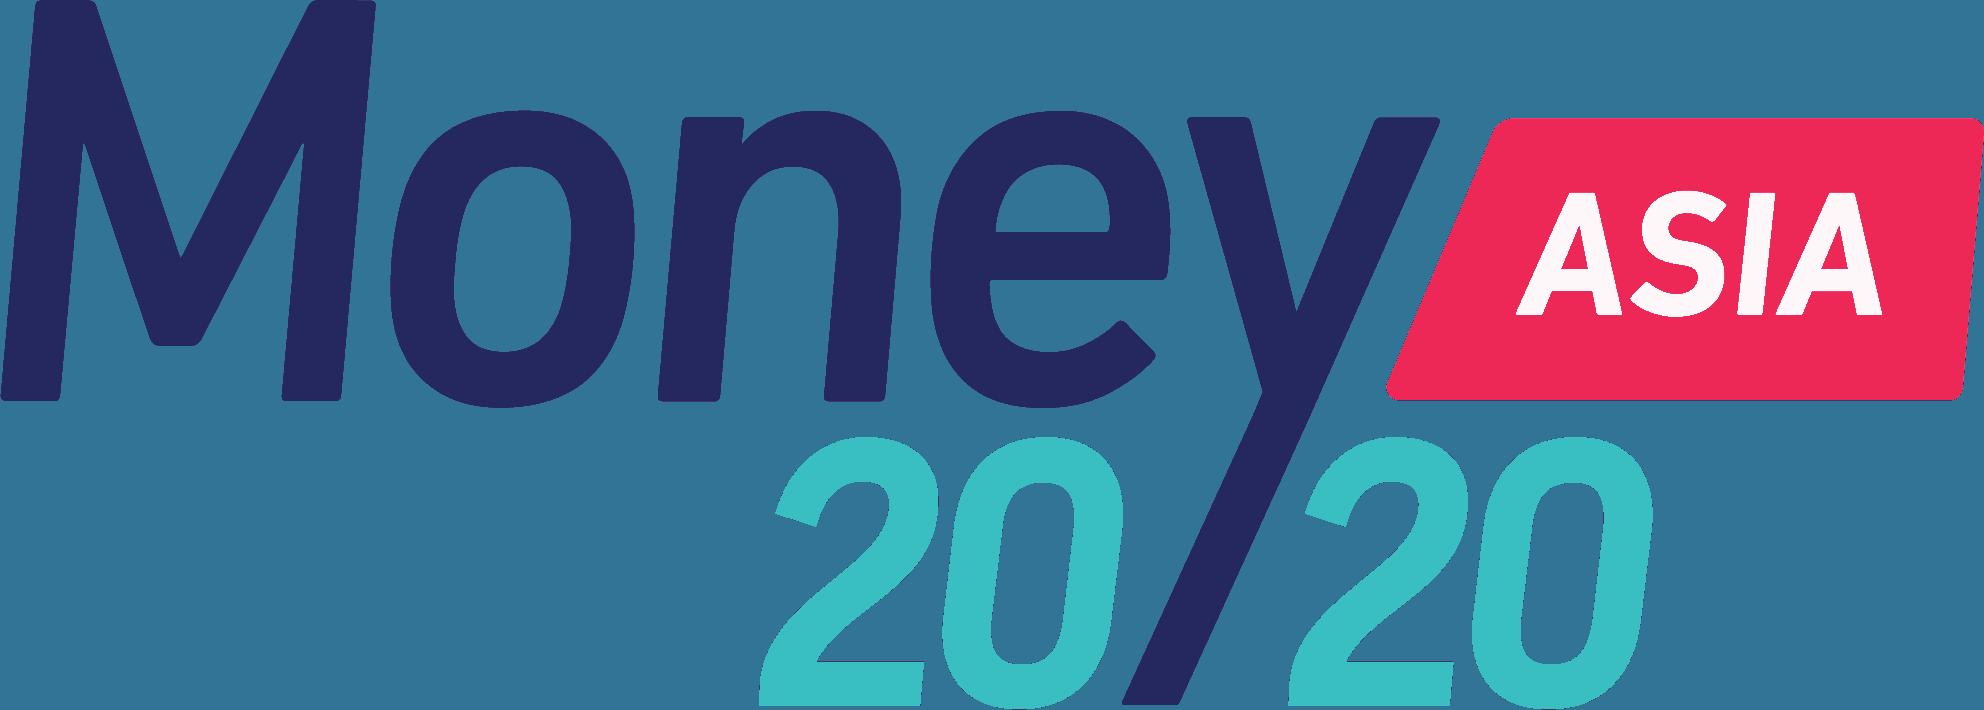 money2020 asia